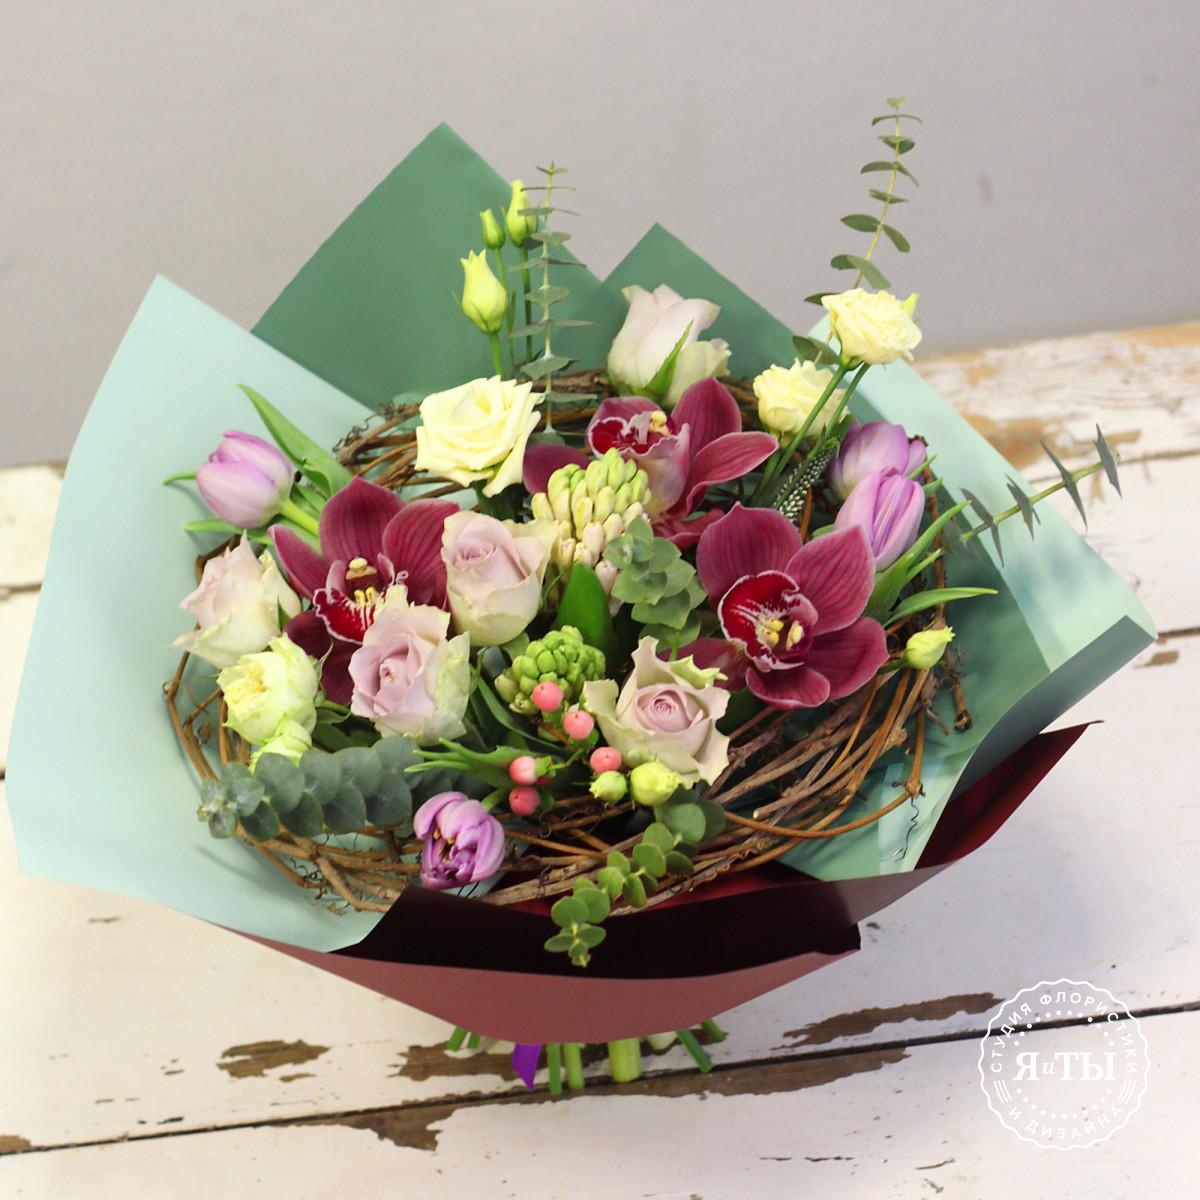 Букет на каркасе с орхидеями